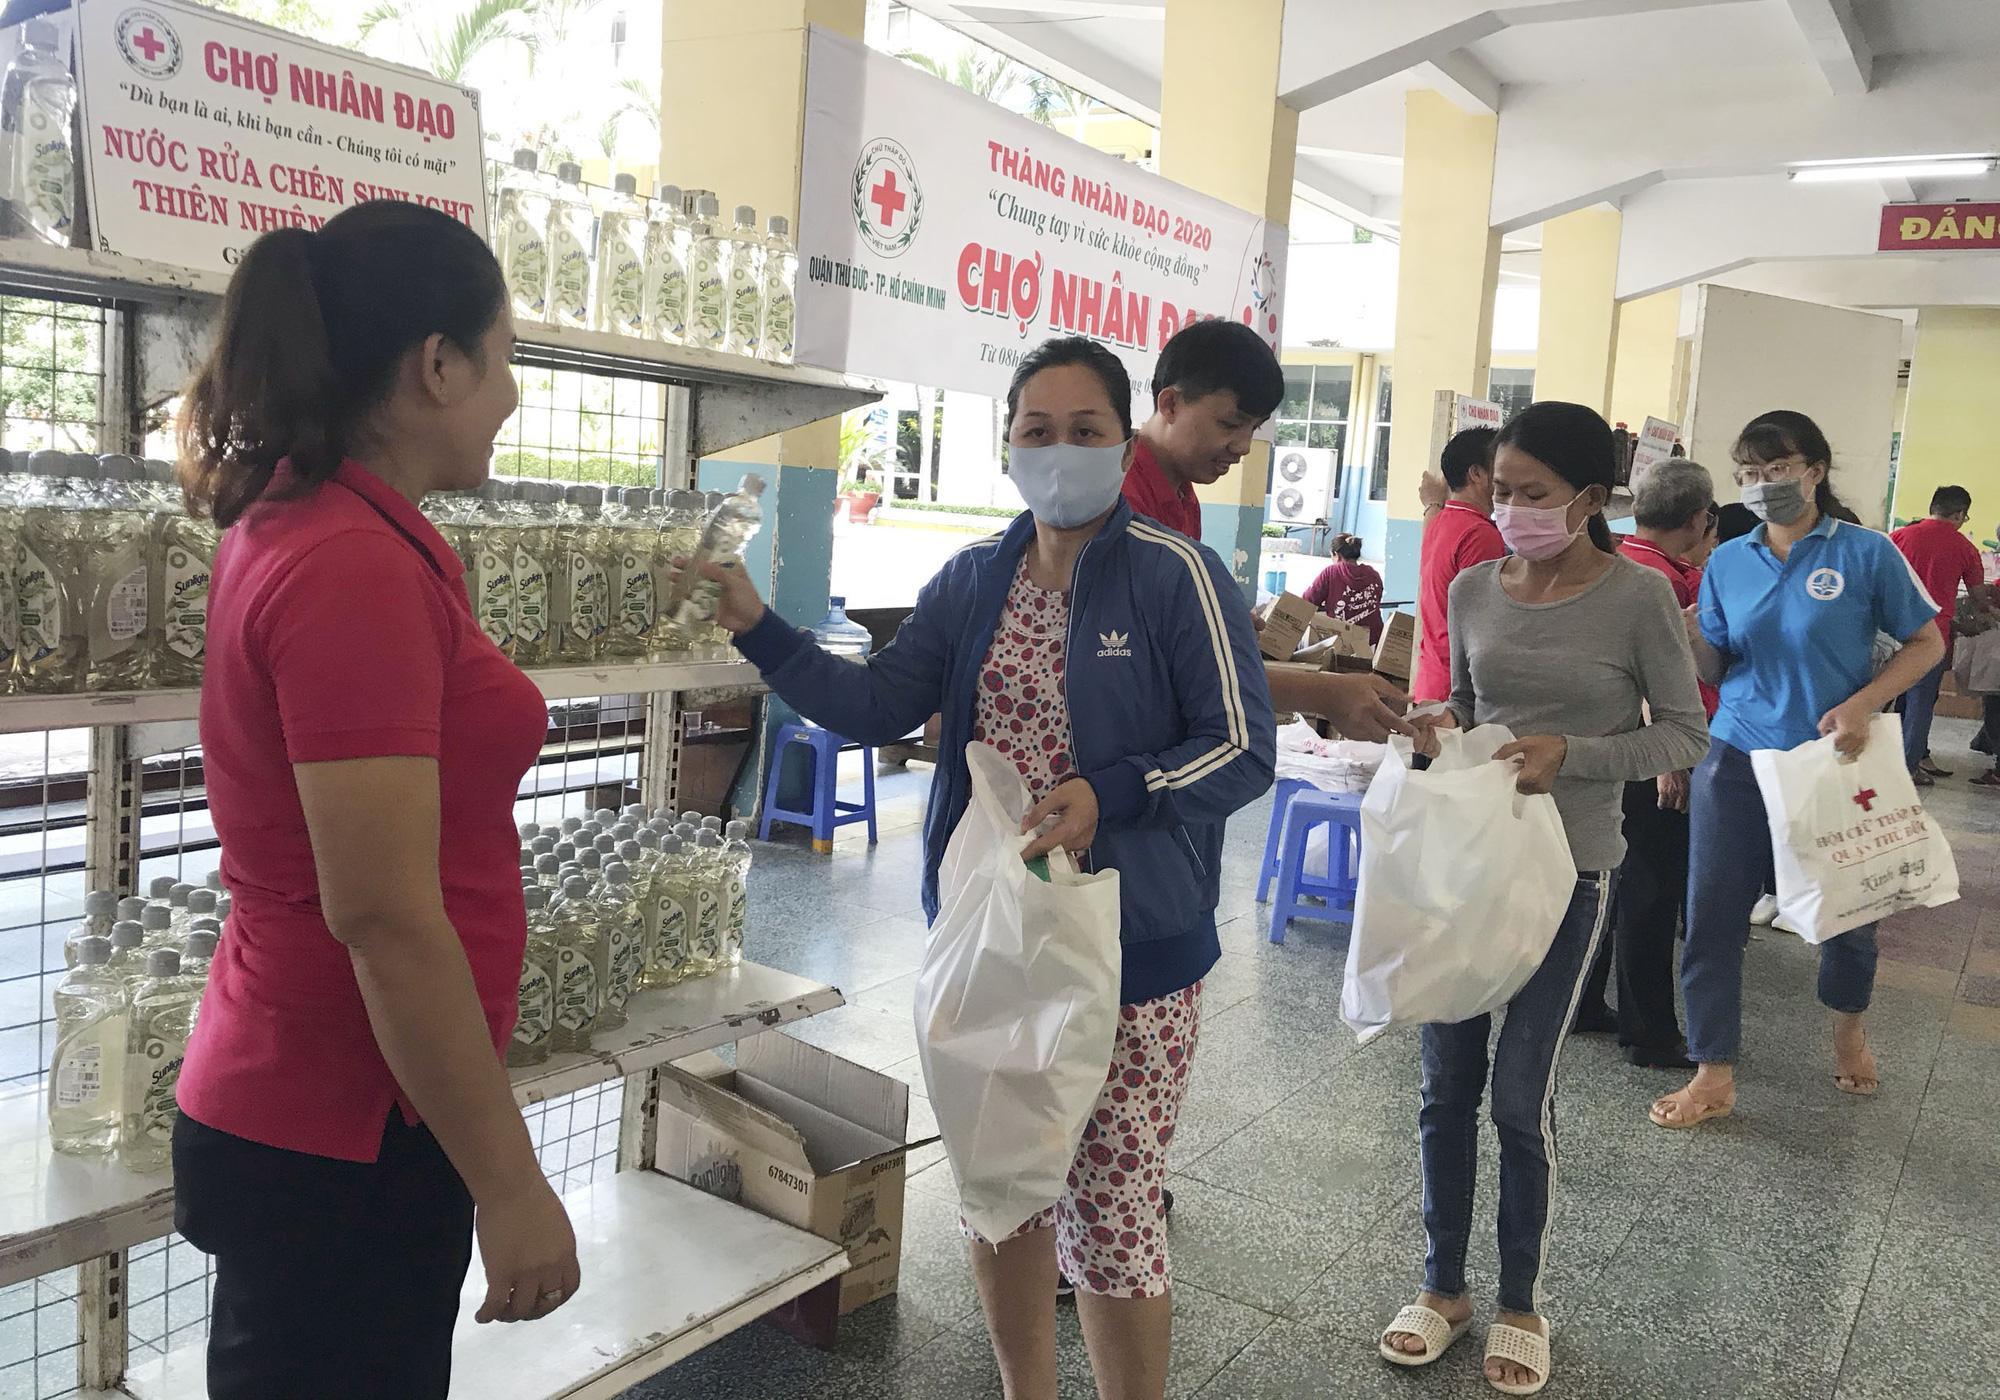 TP.HCM: Hơn 91 triệu đồng trao tặng người nghèo tại 'Chợ nhân đạo' Ảnh 3